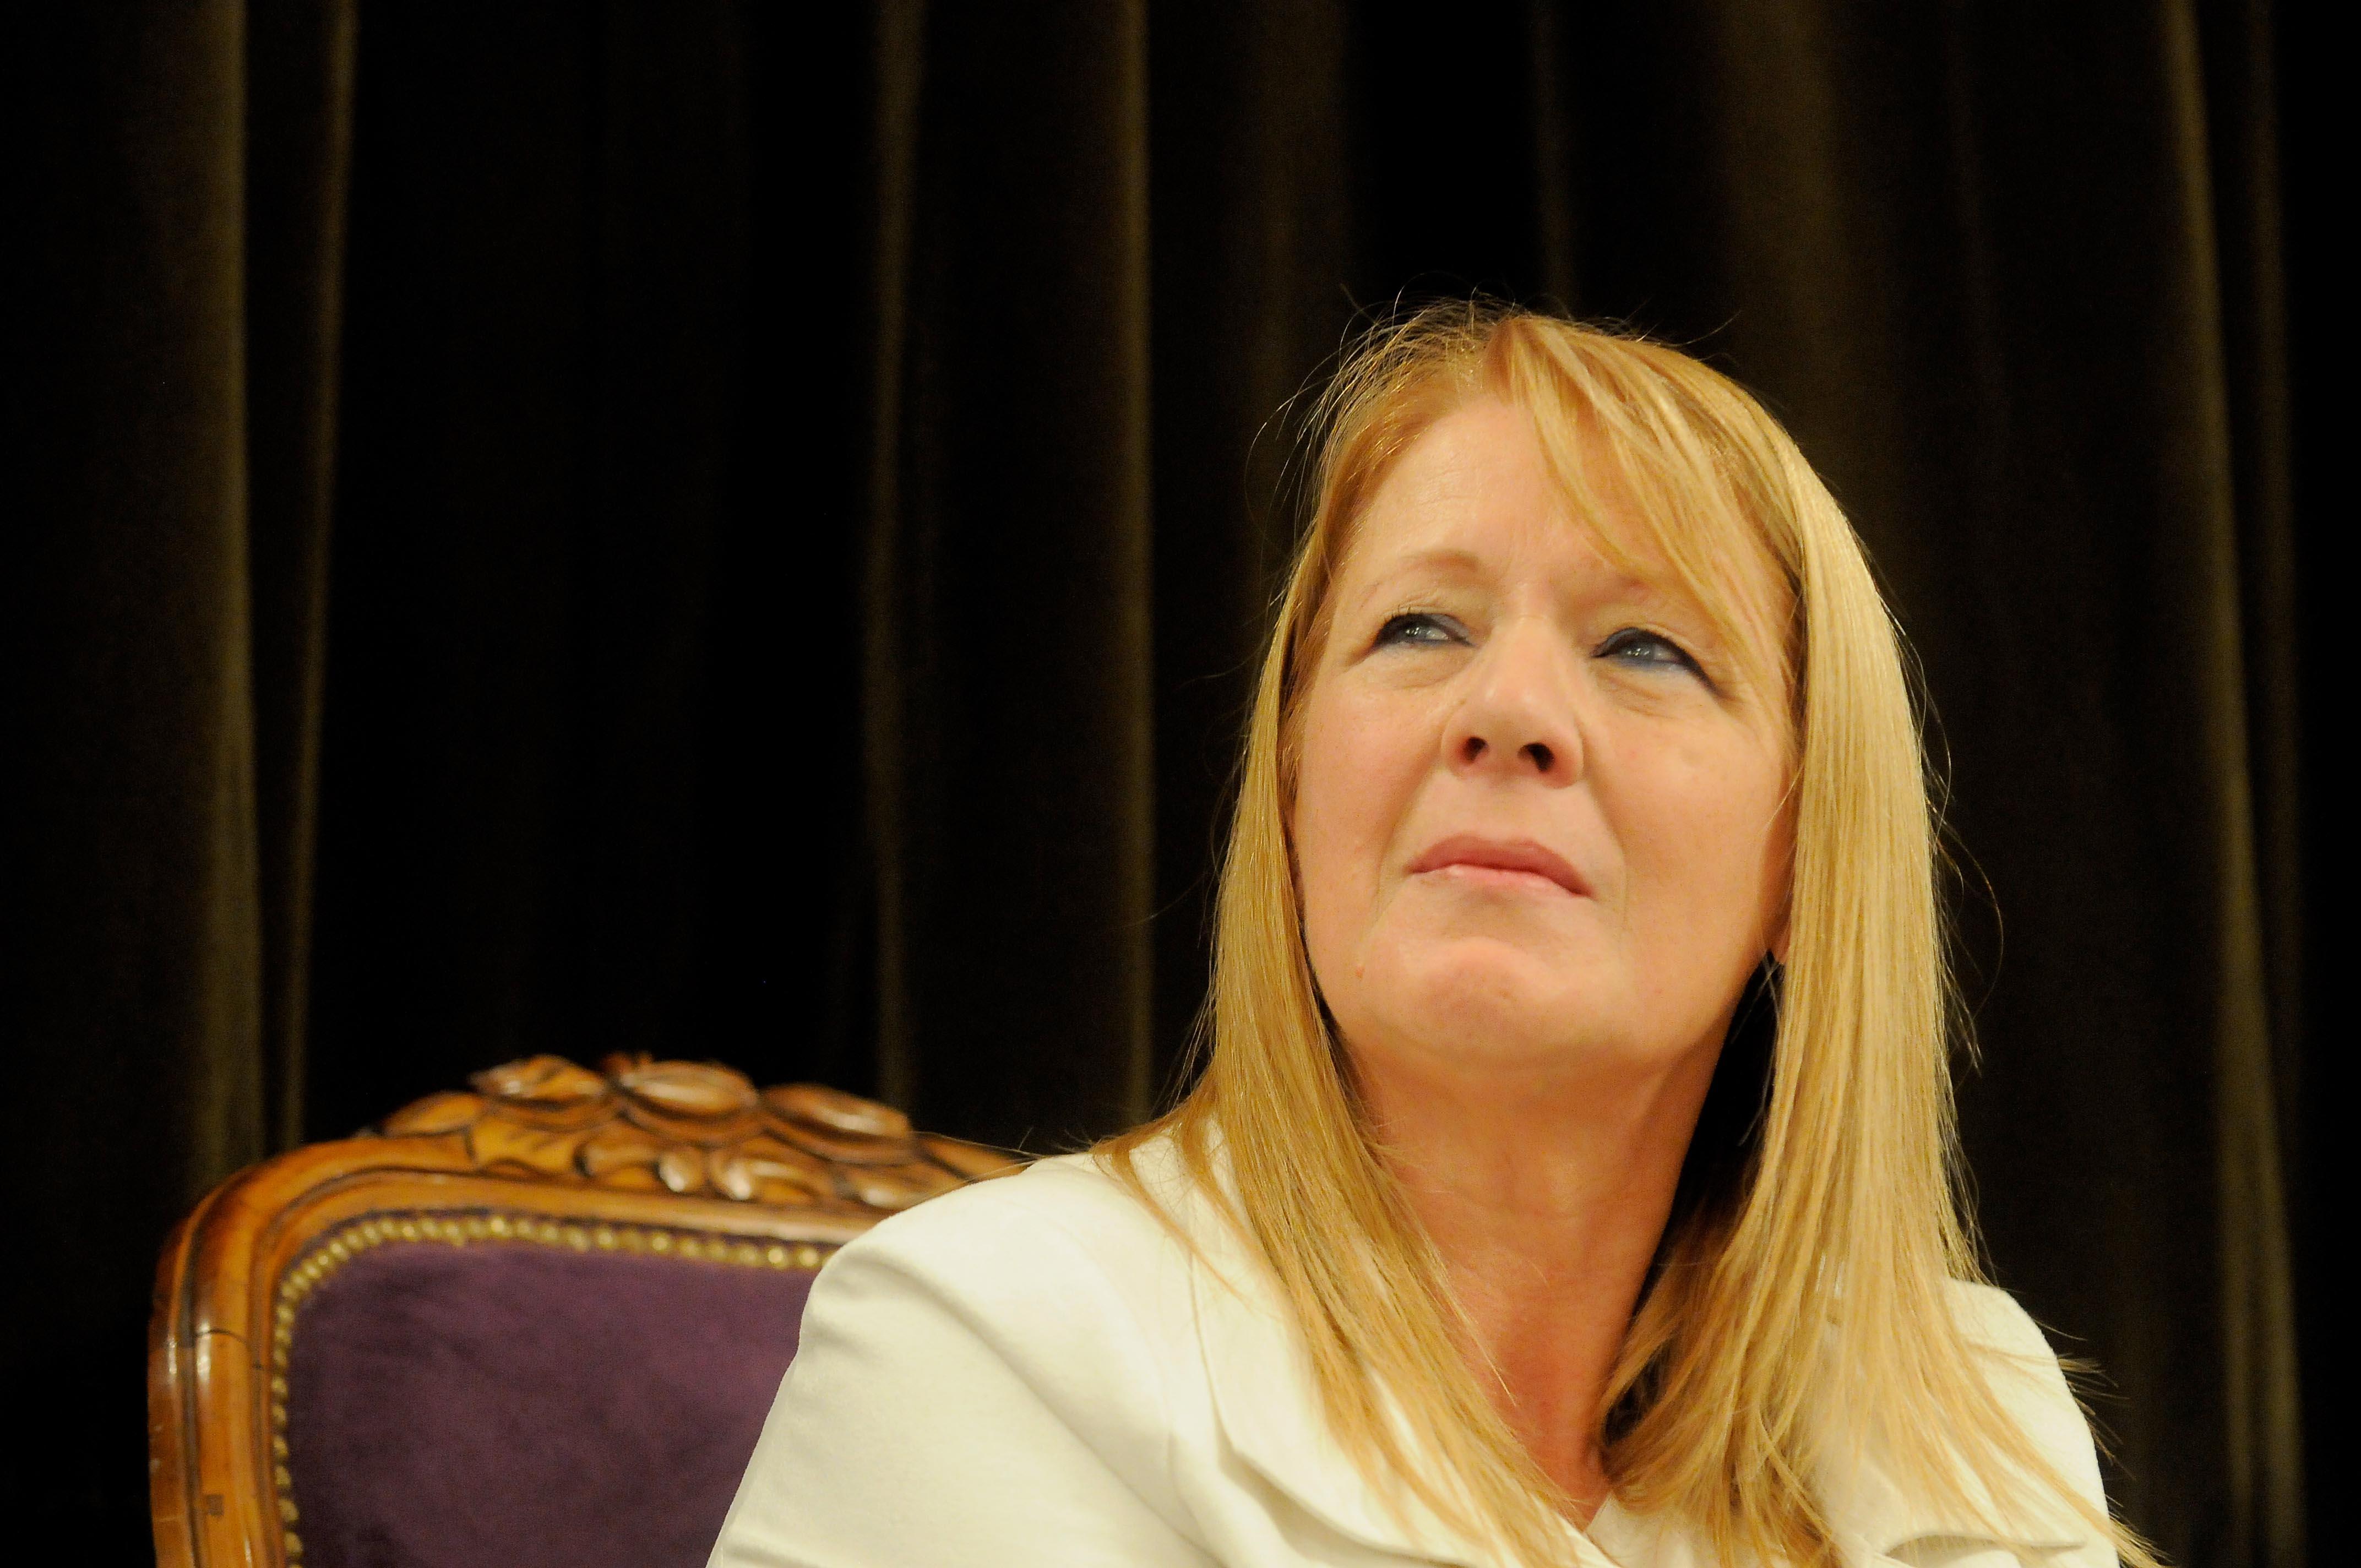 """Margarita Stolbizer (Partido GEN), envió una carta al Presidente de la Nación con una propuesta para aplanar las facturas de servicios públicos, especialmente gas y electricidad """"con estricta voluntad de cooperación para formular una propuesta que pueda ser considerada""""."""